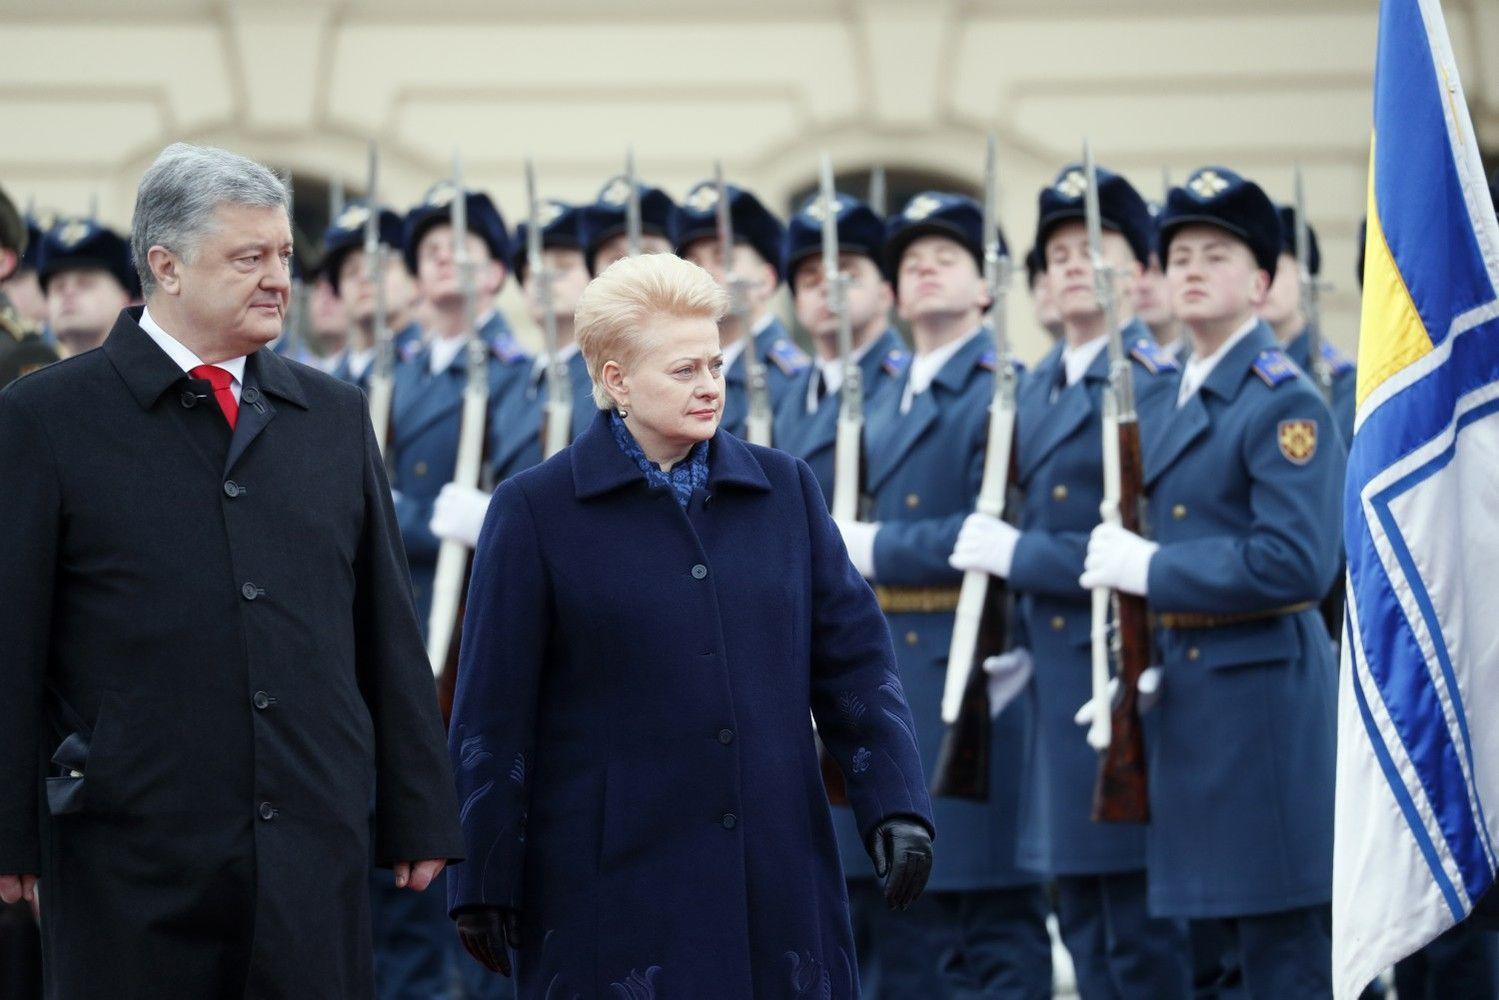 D. Grybauskaitė žada, kad Lietuva perduos Ukrainai šovinių, siųs daugiau instruktorių